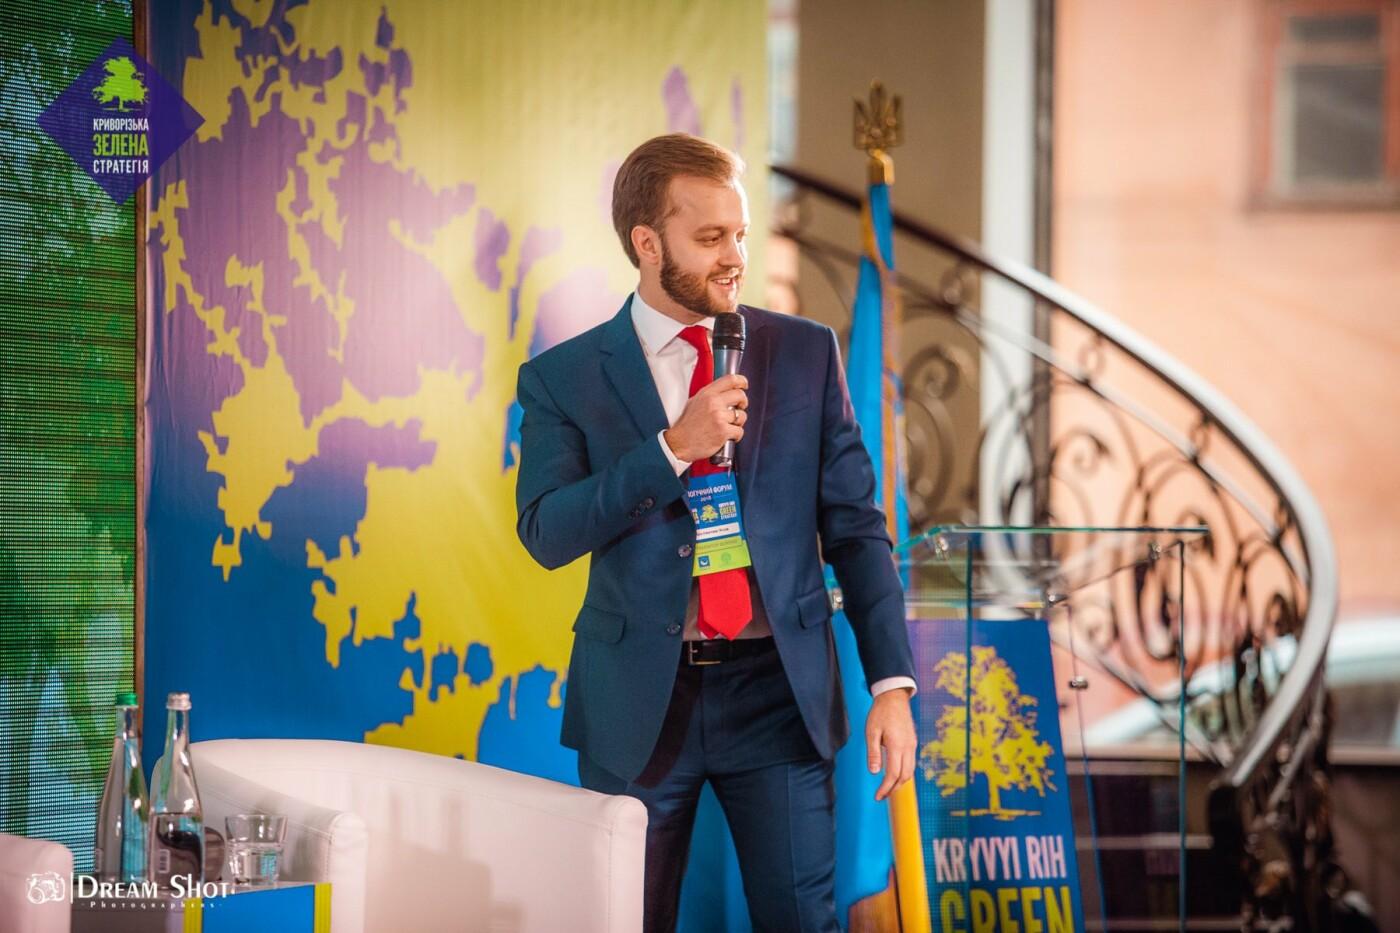 Эксперты со всей страны предложили Кривому Рогу пути решения экологических проблем на форуме Kryvyi Rih GREEN Strategy-2018, фото-6